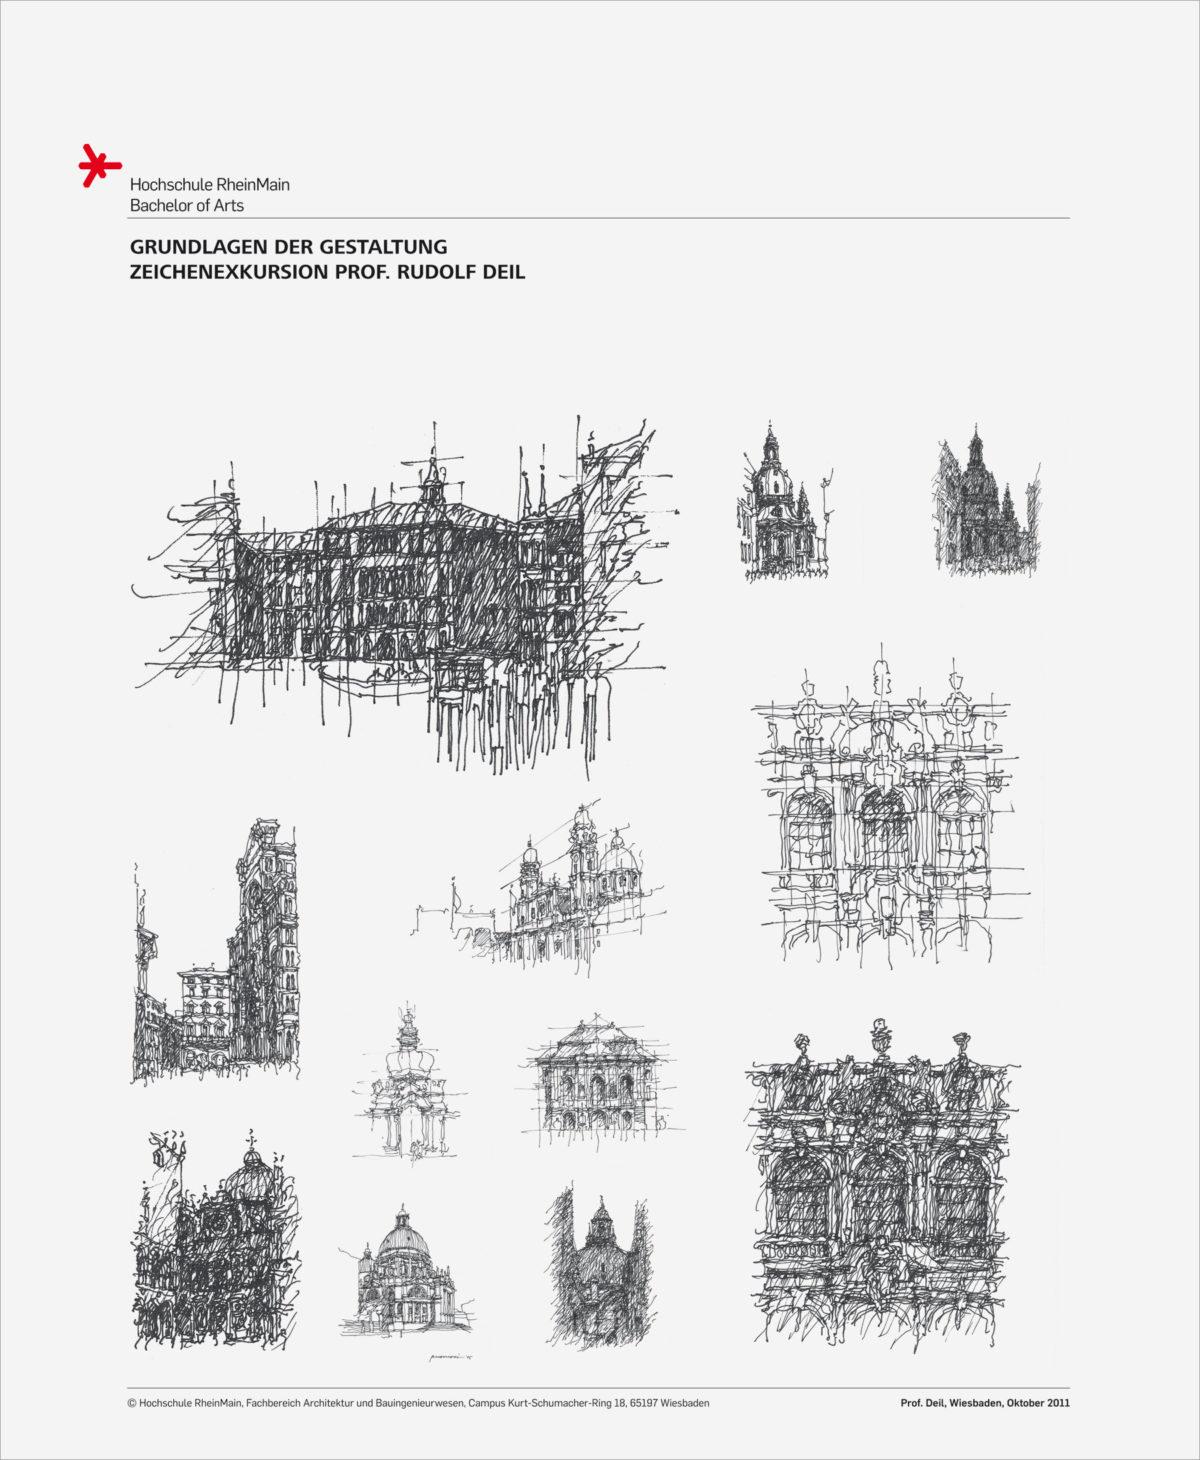 plakat-grundlagen-der-gestaltung-rudolf-deil-hsrm-08